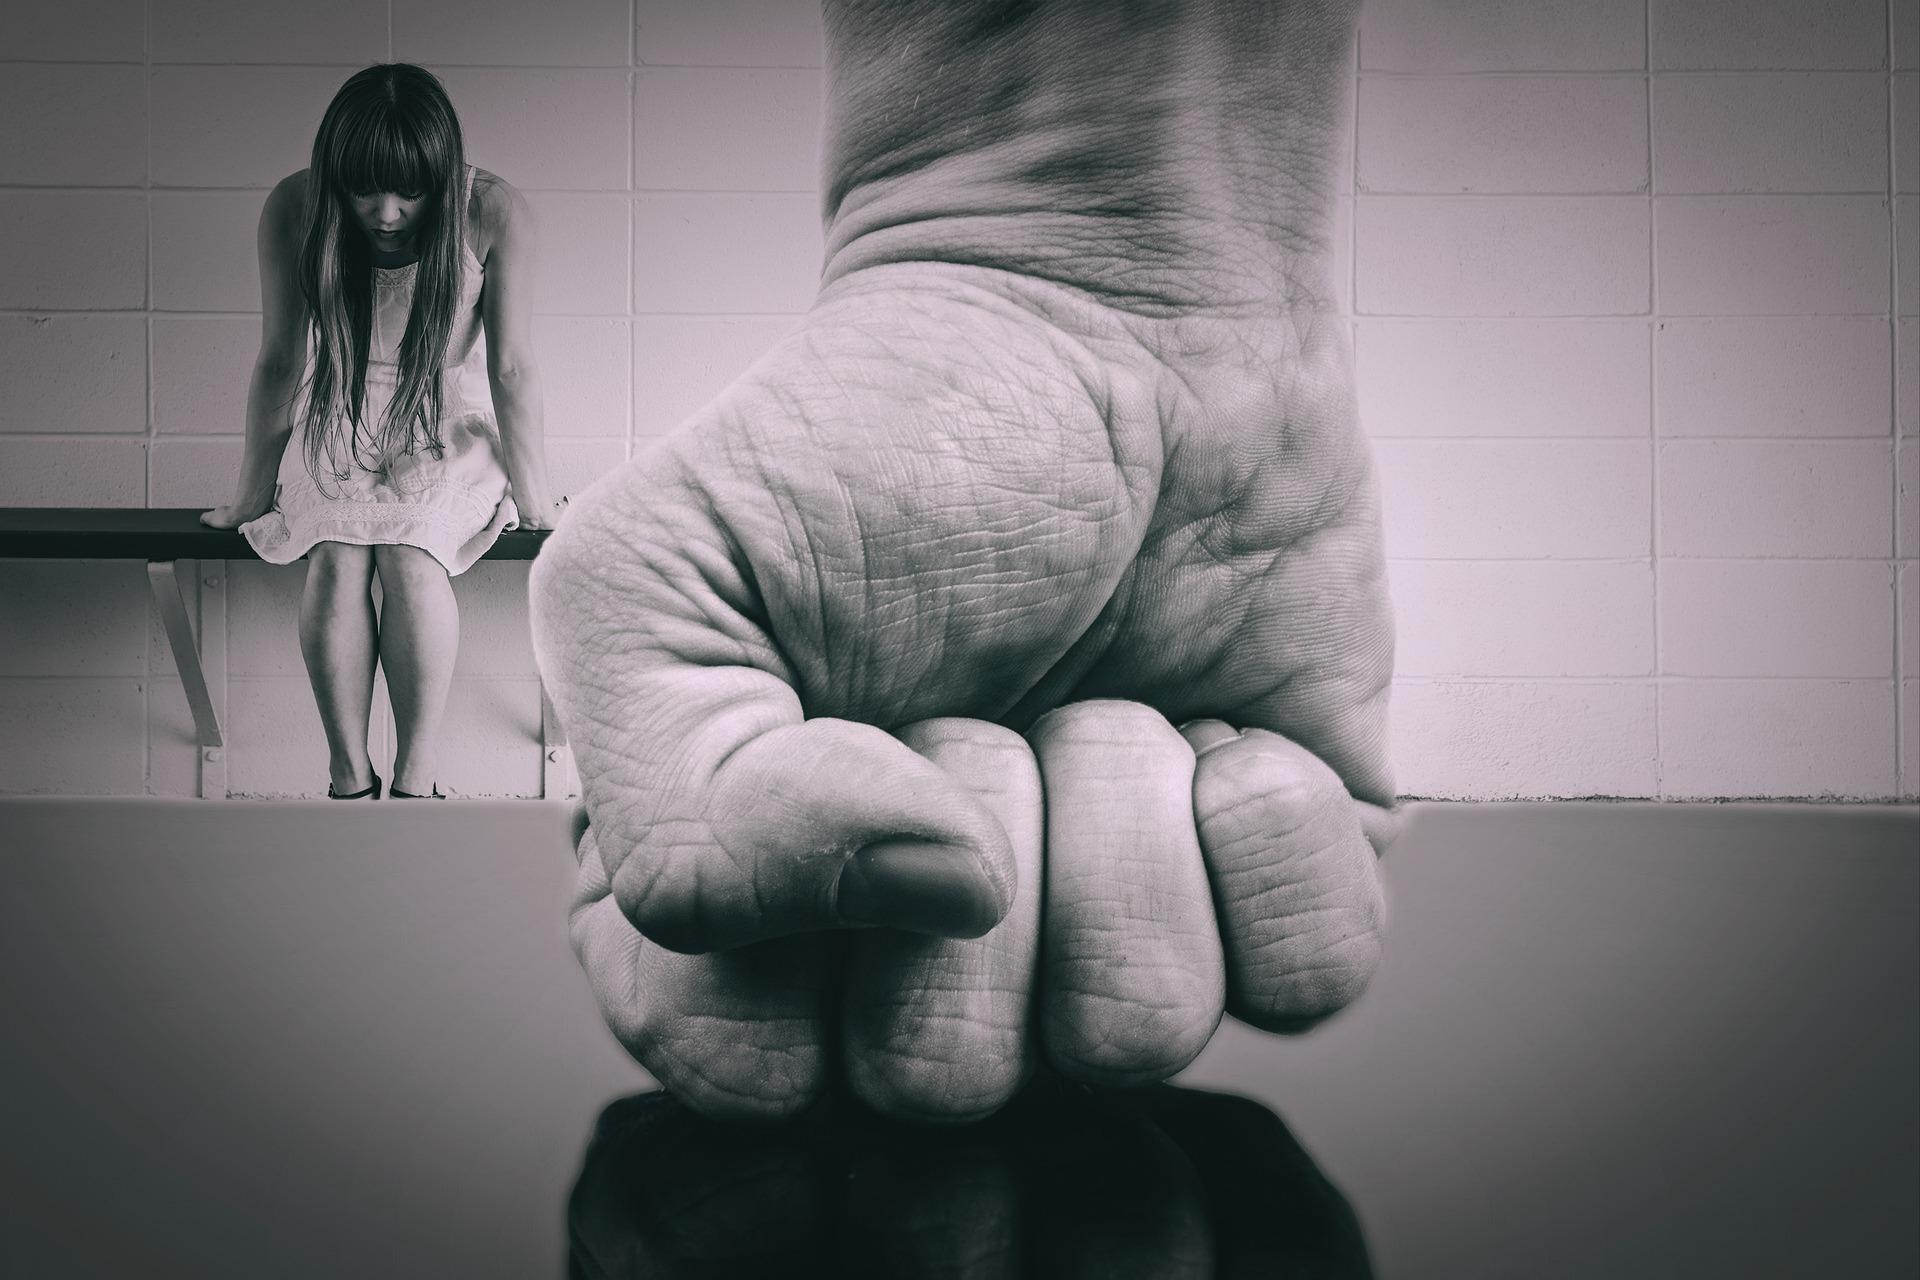 Pandemia a przemoc w rodzinie. Czy w gminie Kęty wzrosła liczba zgłaszających się ofiar?